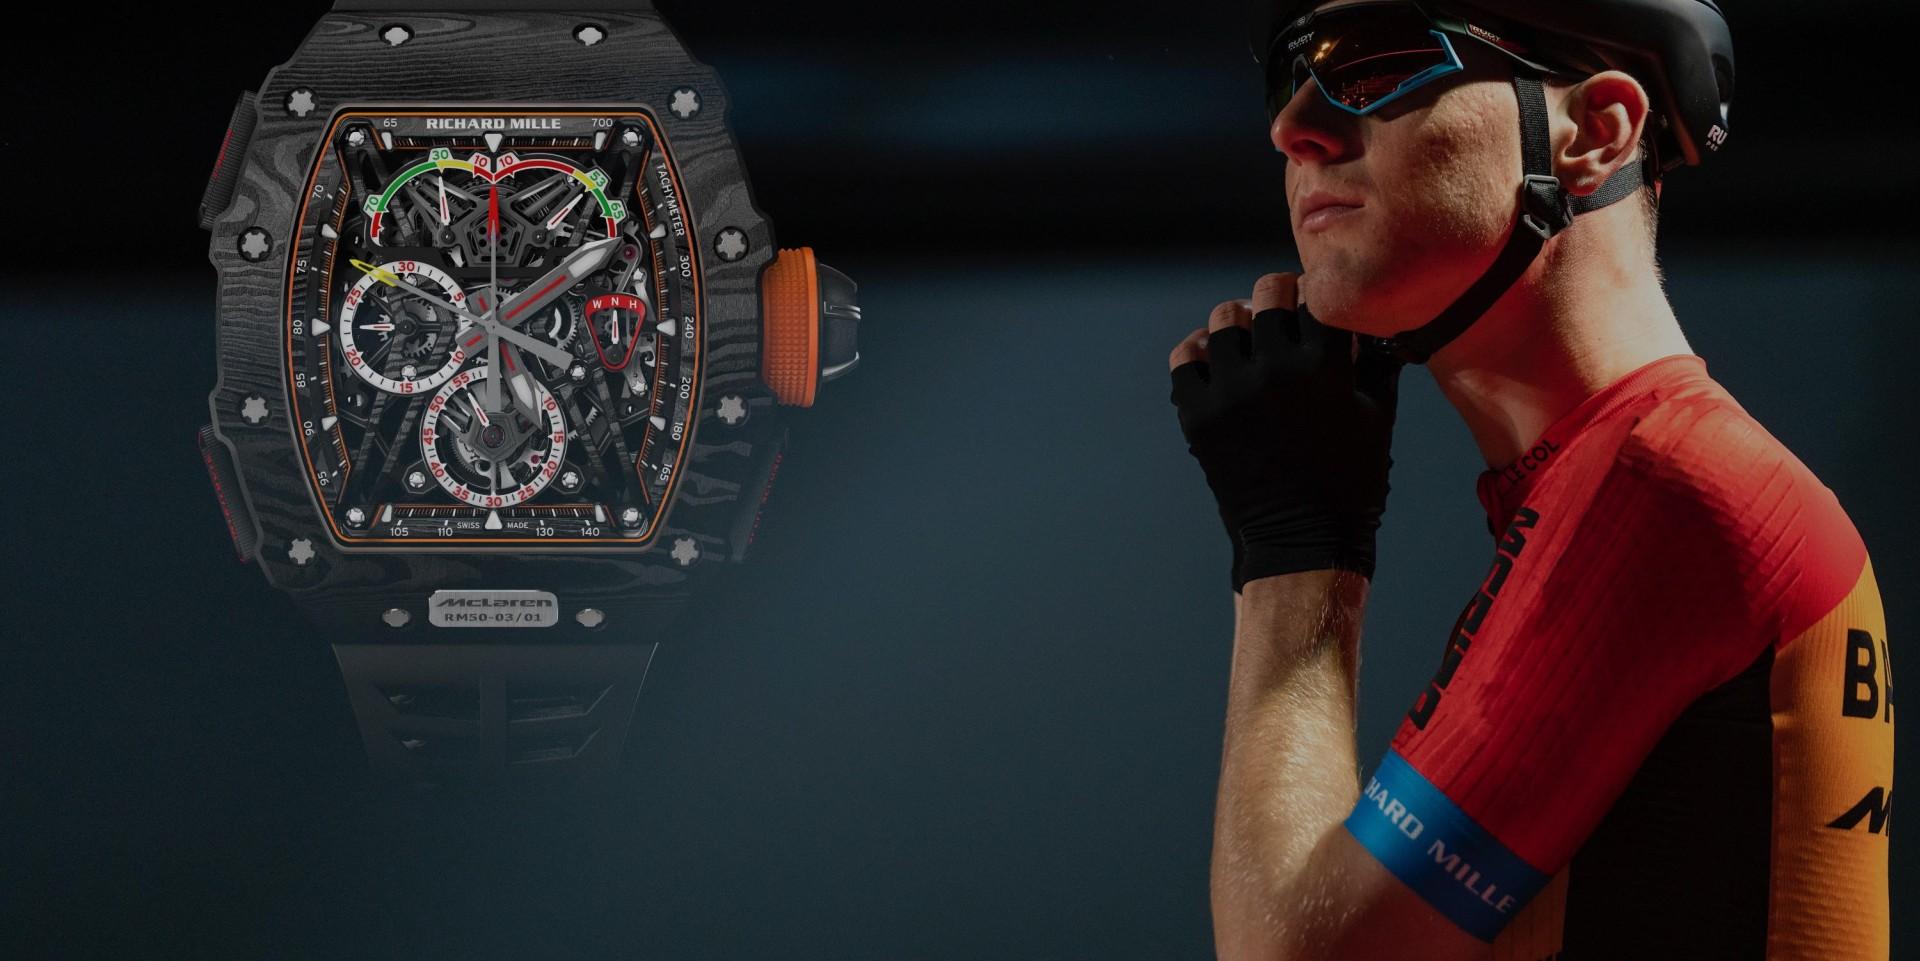 自行車界終於迎來製錶大腕:RICHARD MILLE結盟巴林麥拉倫車隊亮相2020年UCI公路自行車世界巡迴賽